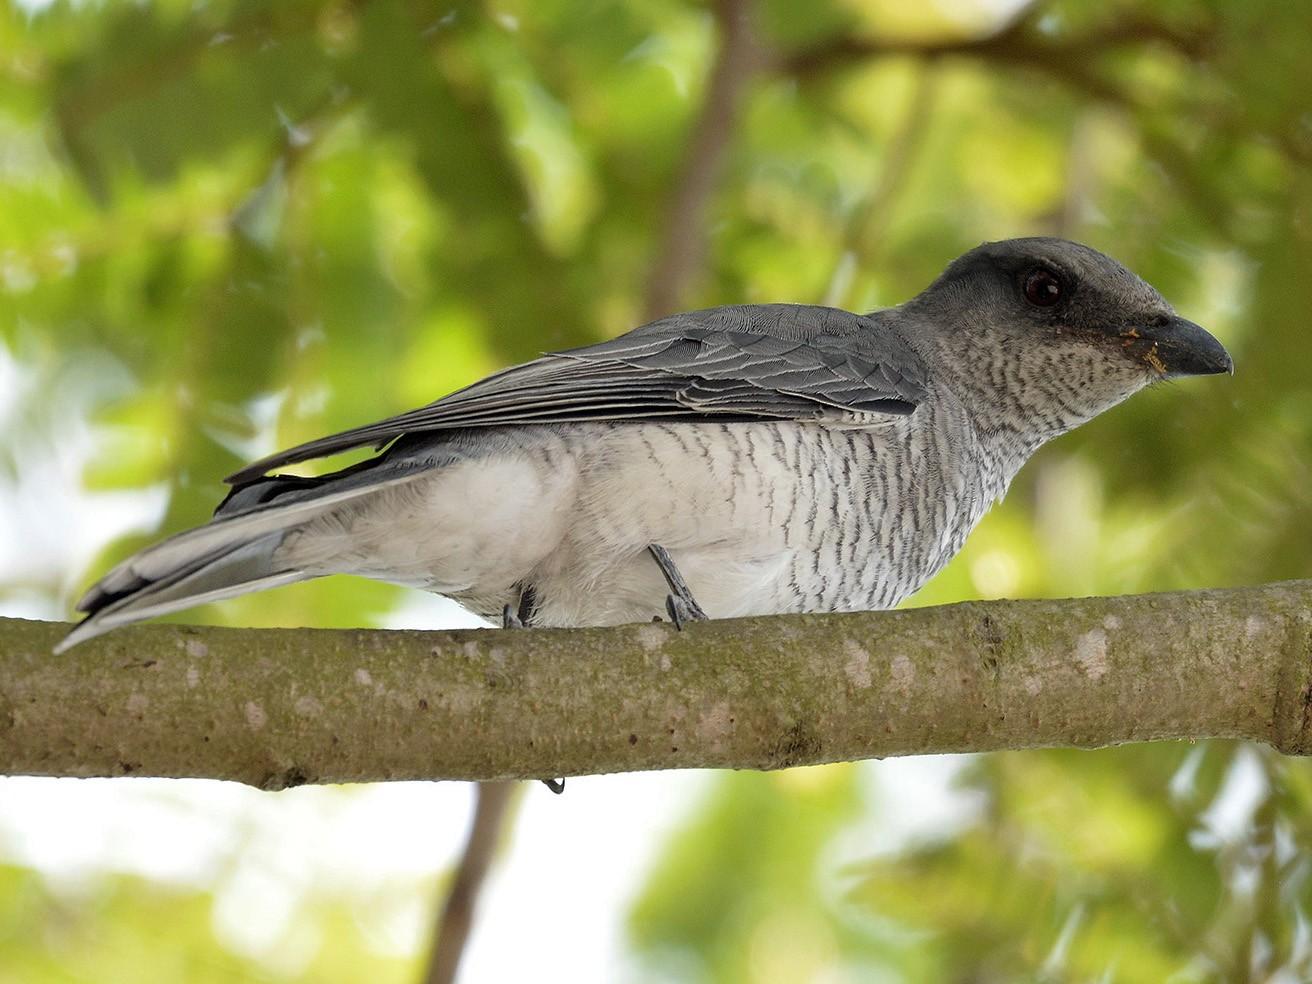 Large Cuckooshrike - Prem Prakash Garg